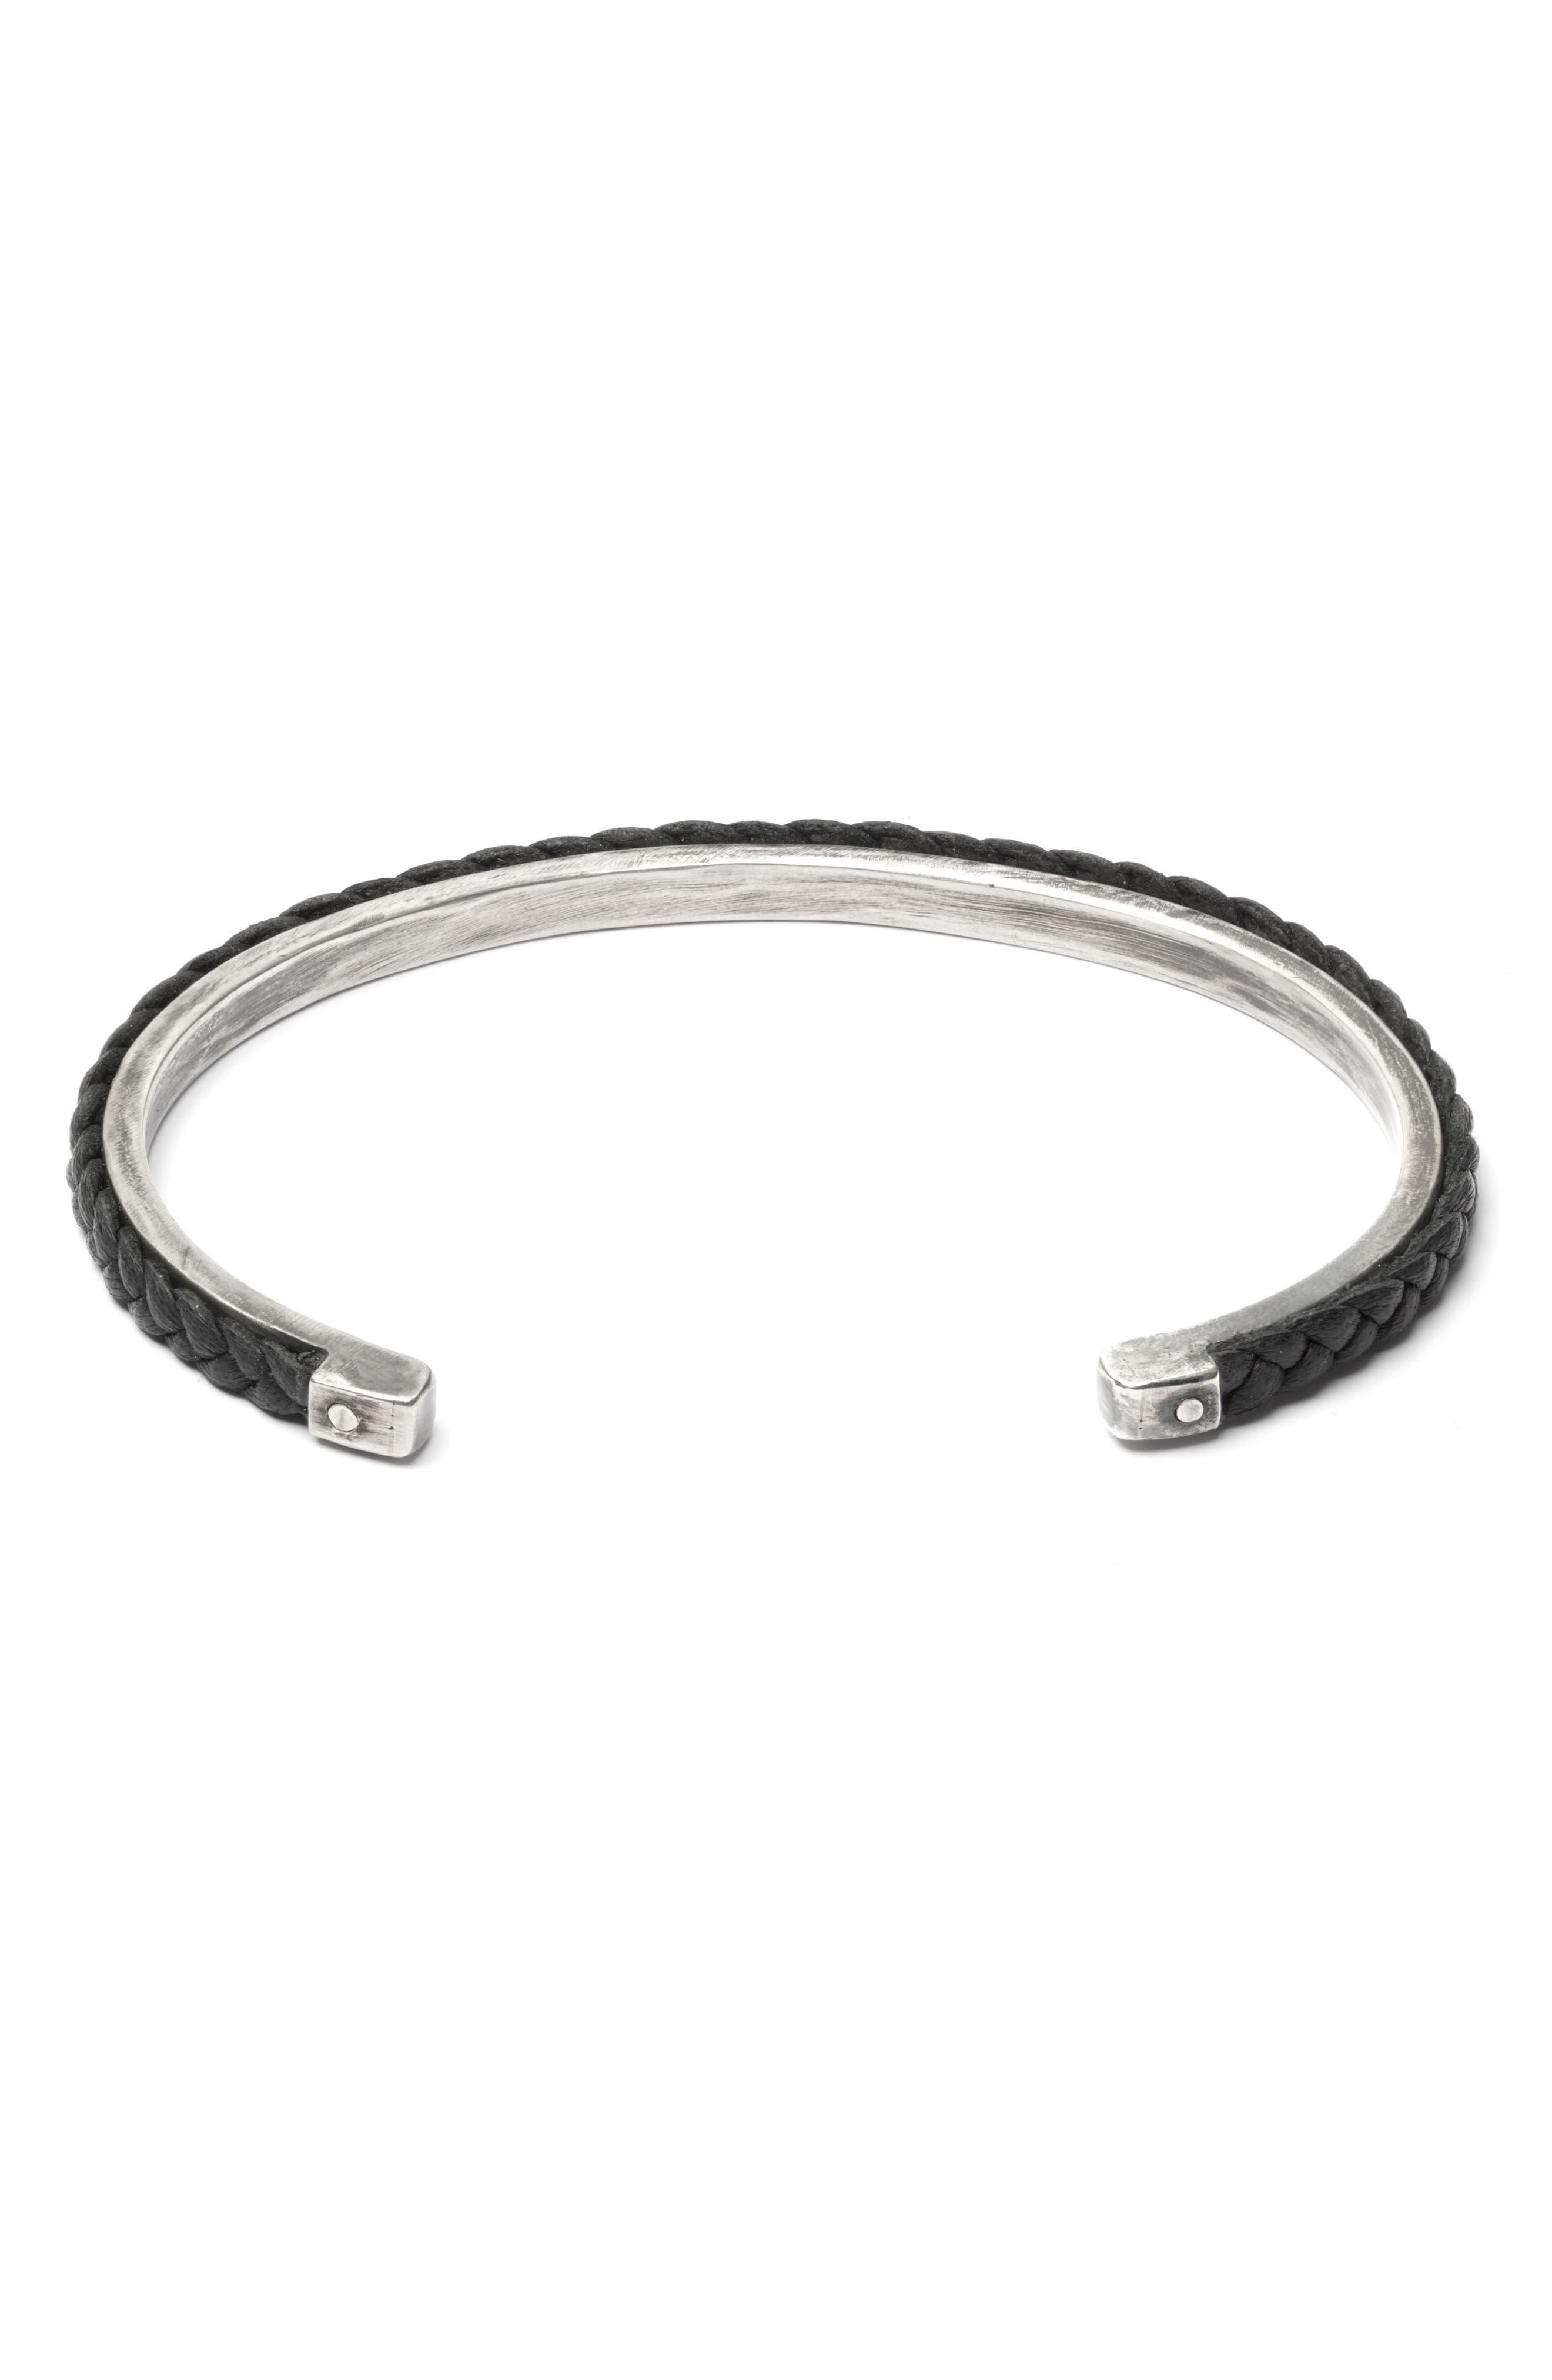 Braided Cuff,                             Main thumbnail 1, color,                             Black/Silver